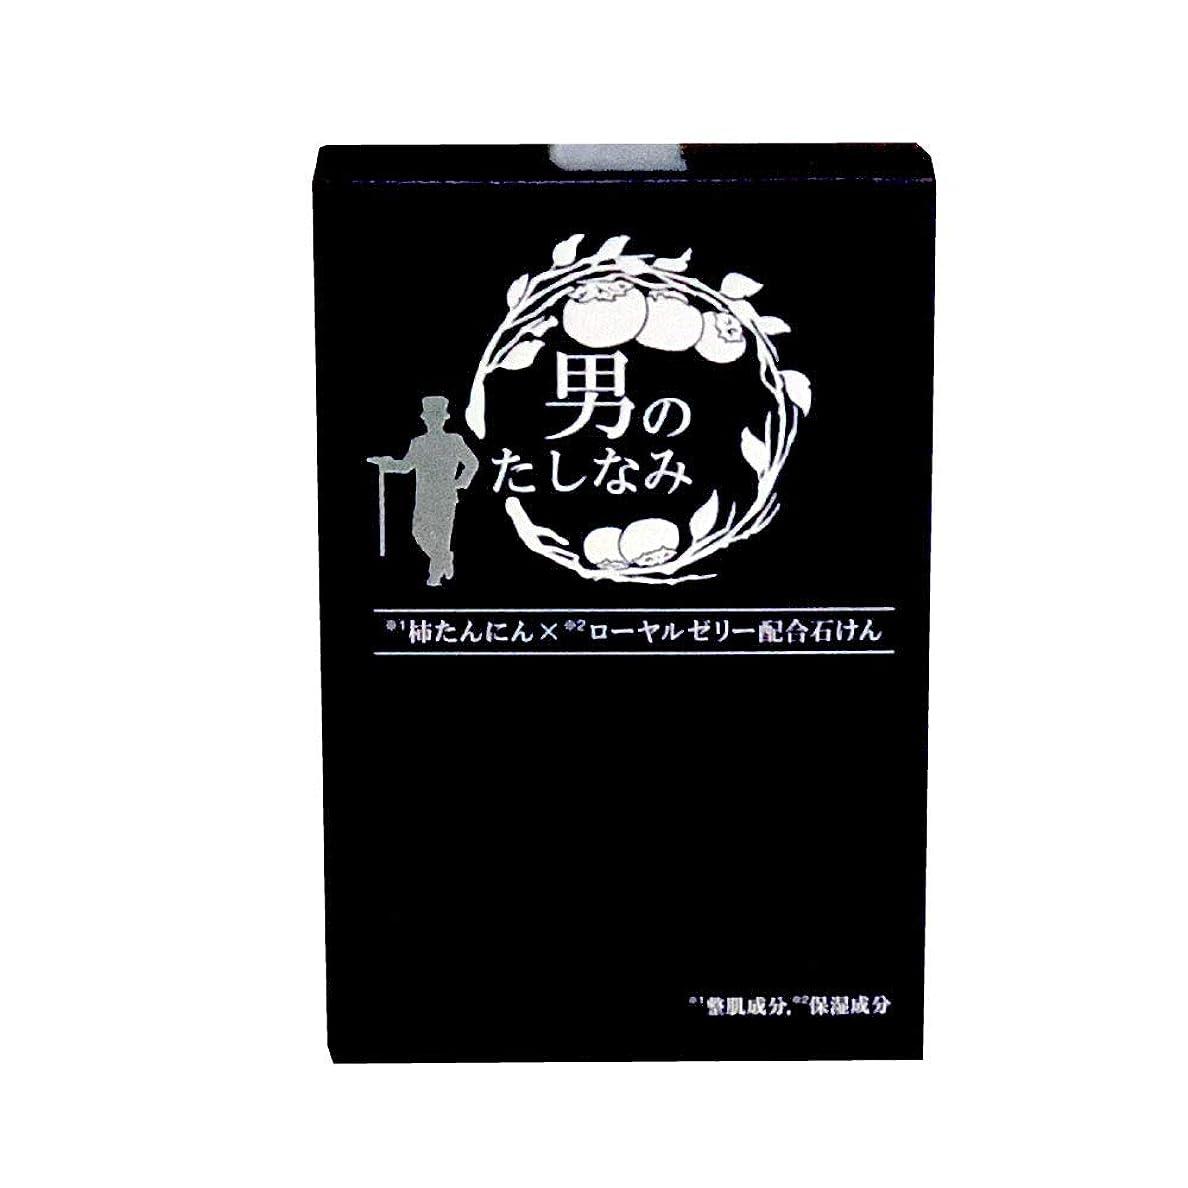 堀不確実ピジン【初回限定 お試し価格】 柿渋石鹸 男のたしなみ (100g)